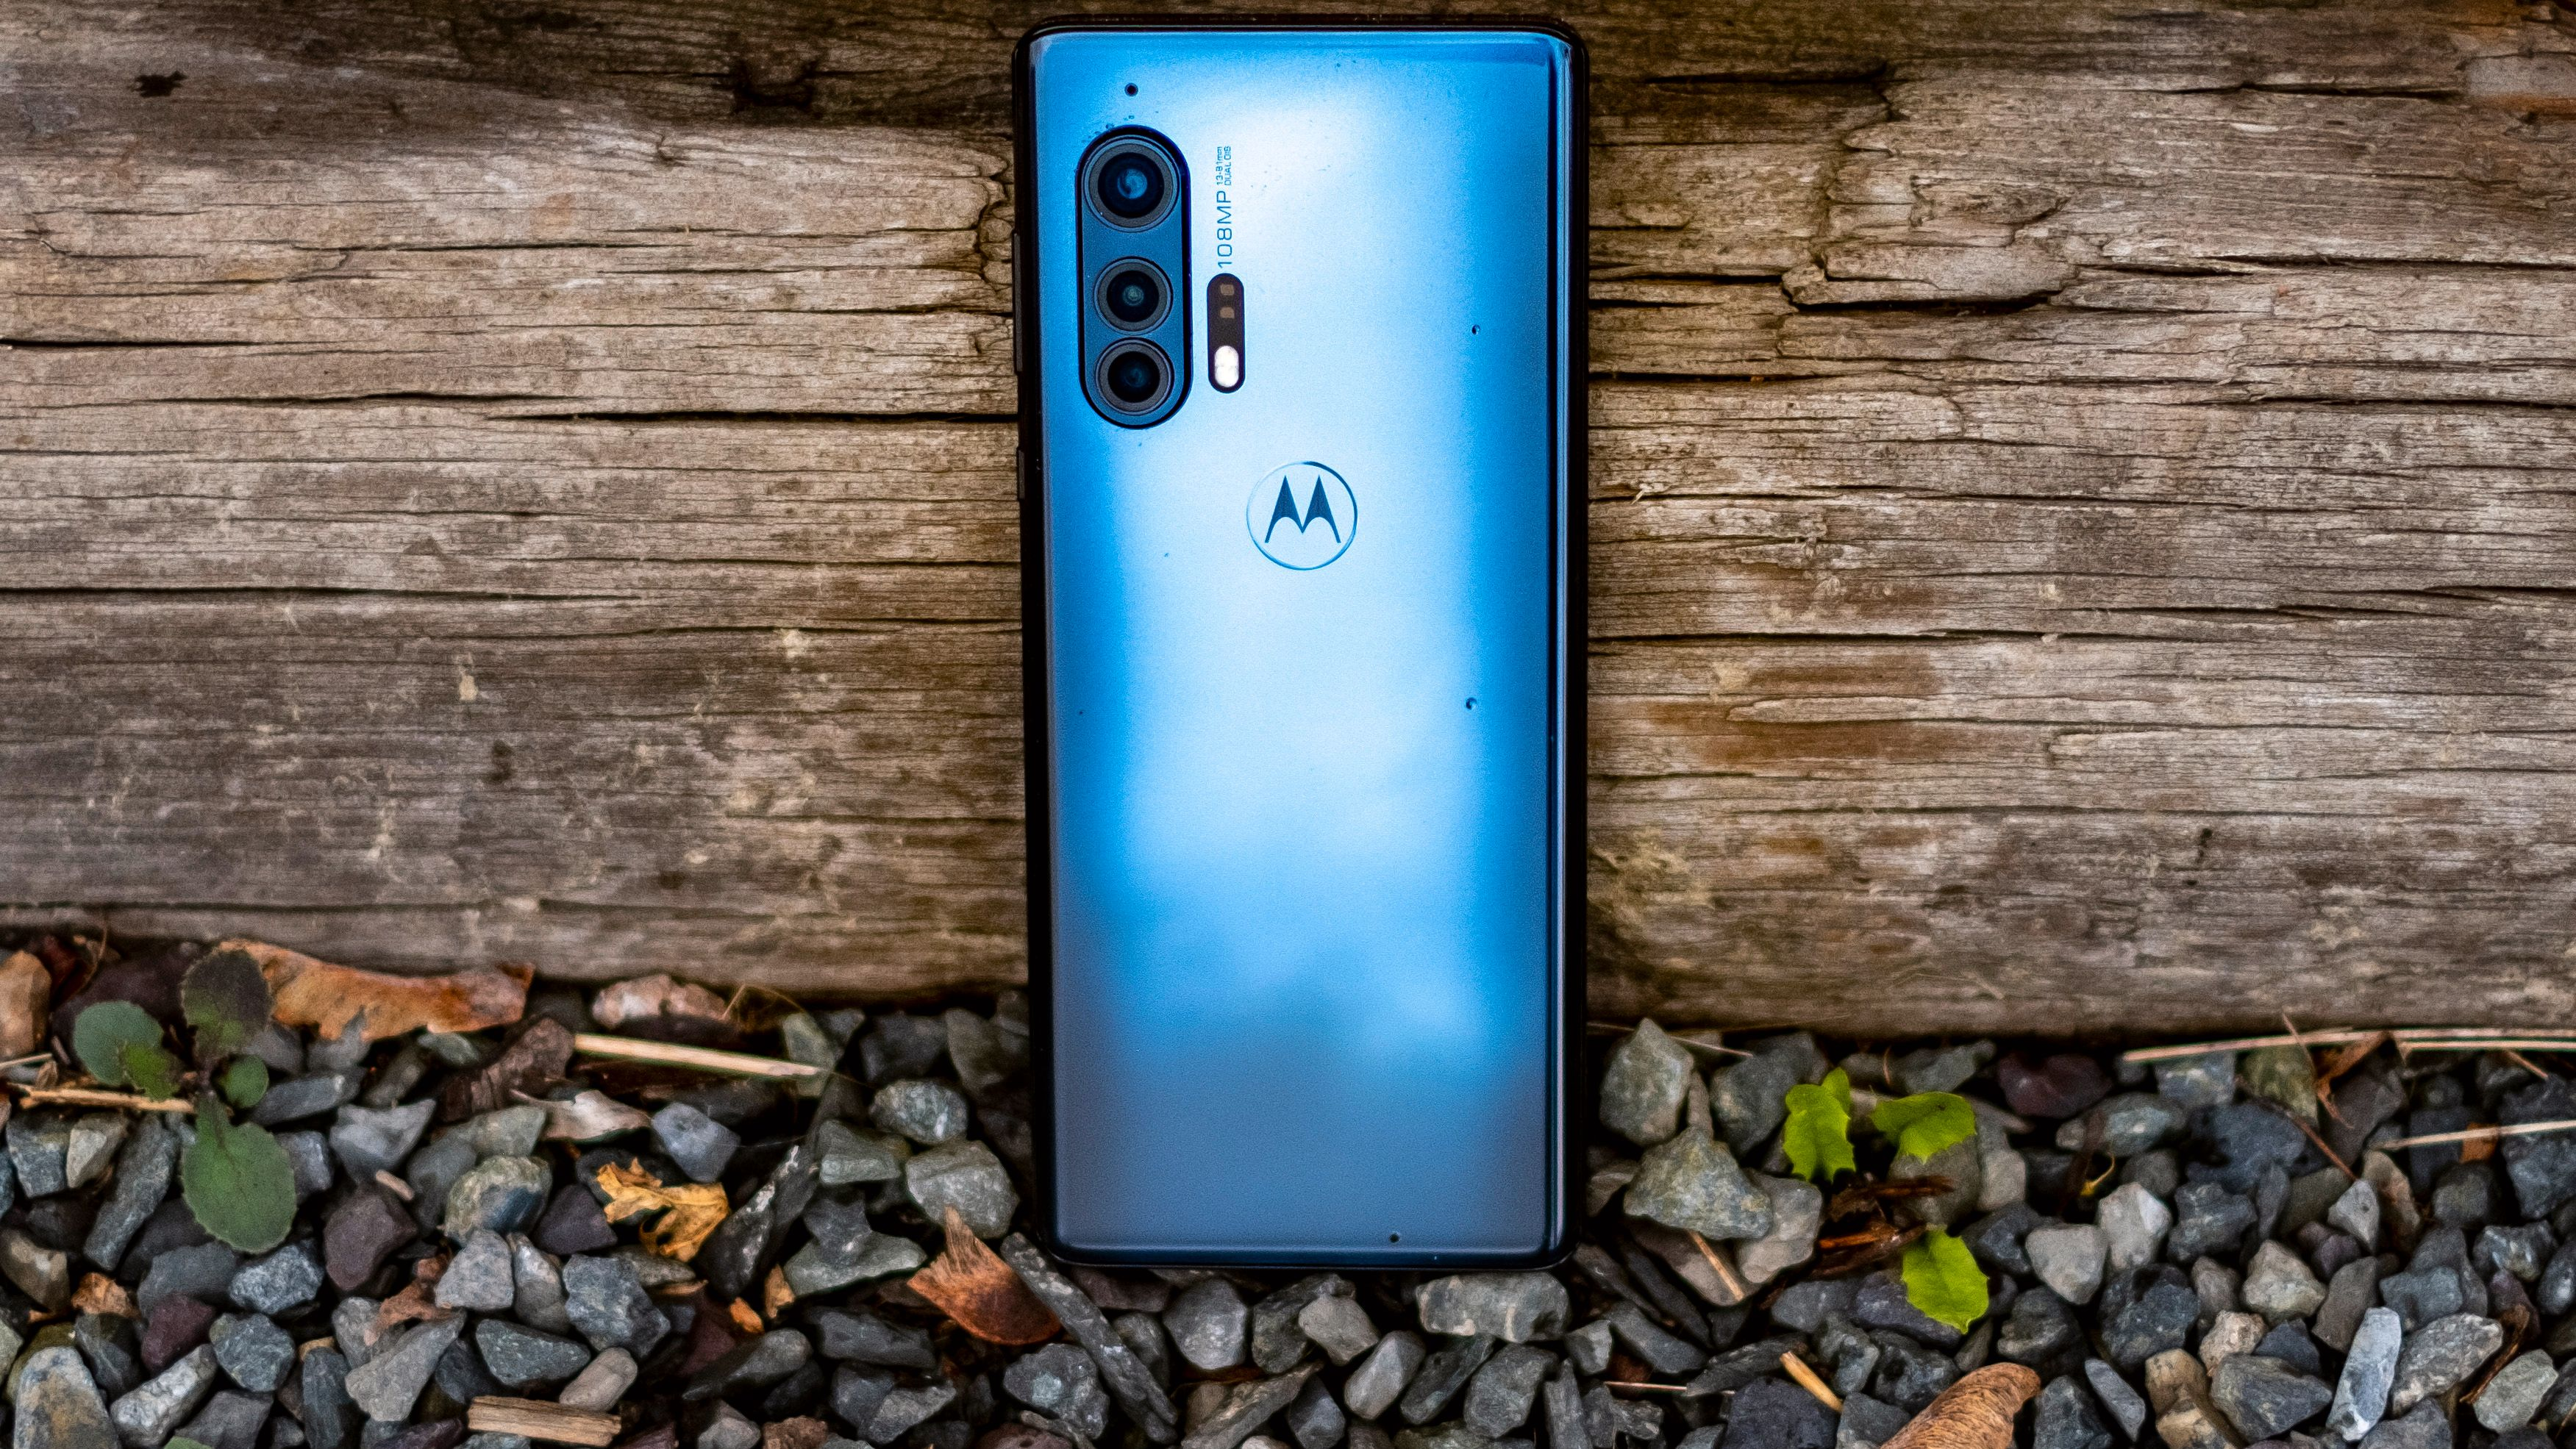 Motorola Moto G 5G Plus Test Tek.no